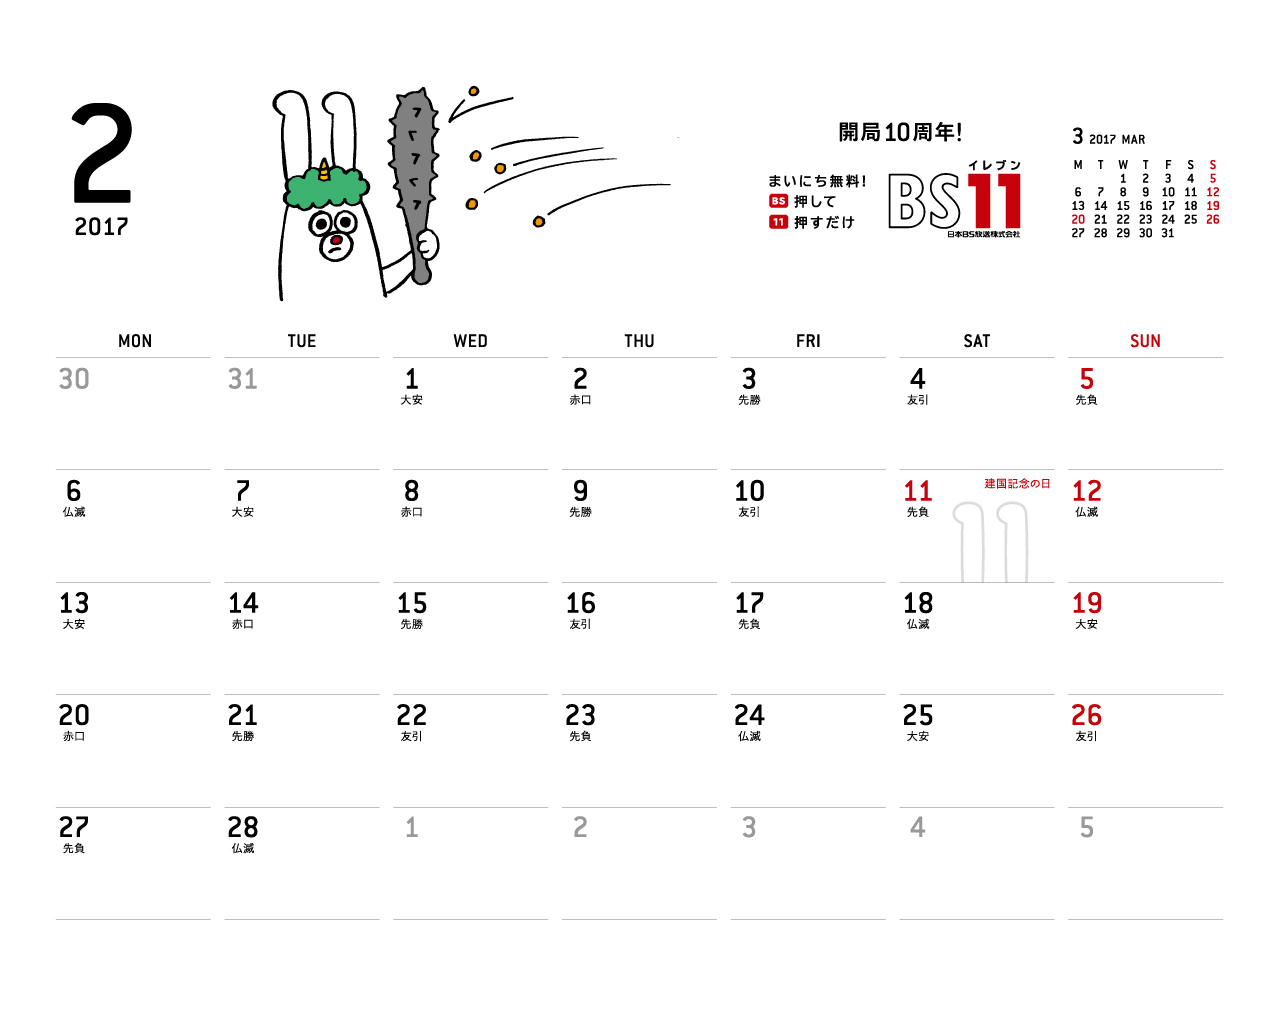 デジタルカレンダー 2017年2月